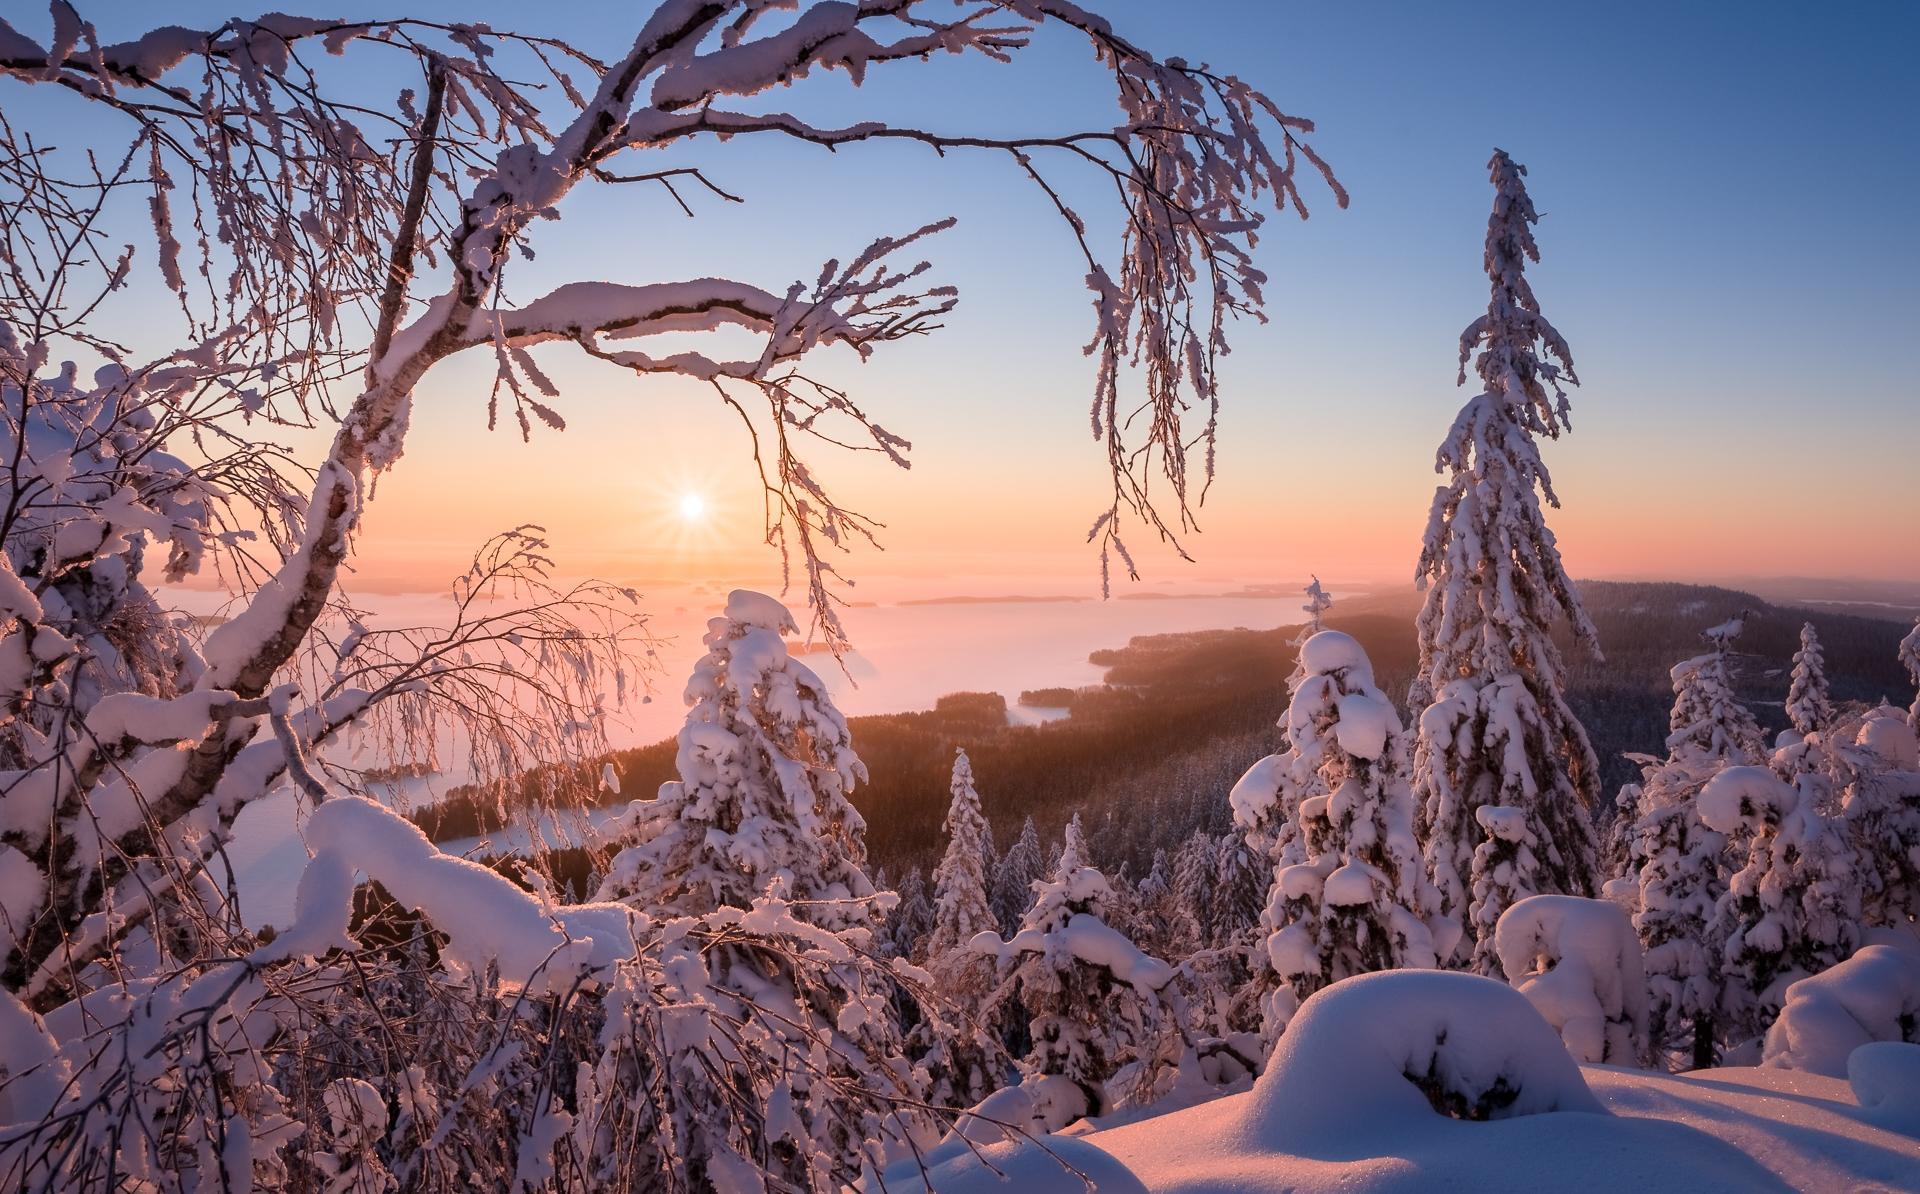 Обои Финляндия, зима, снег, сугробы